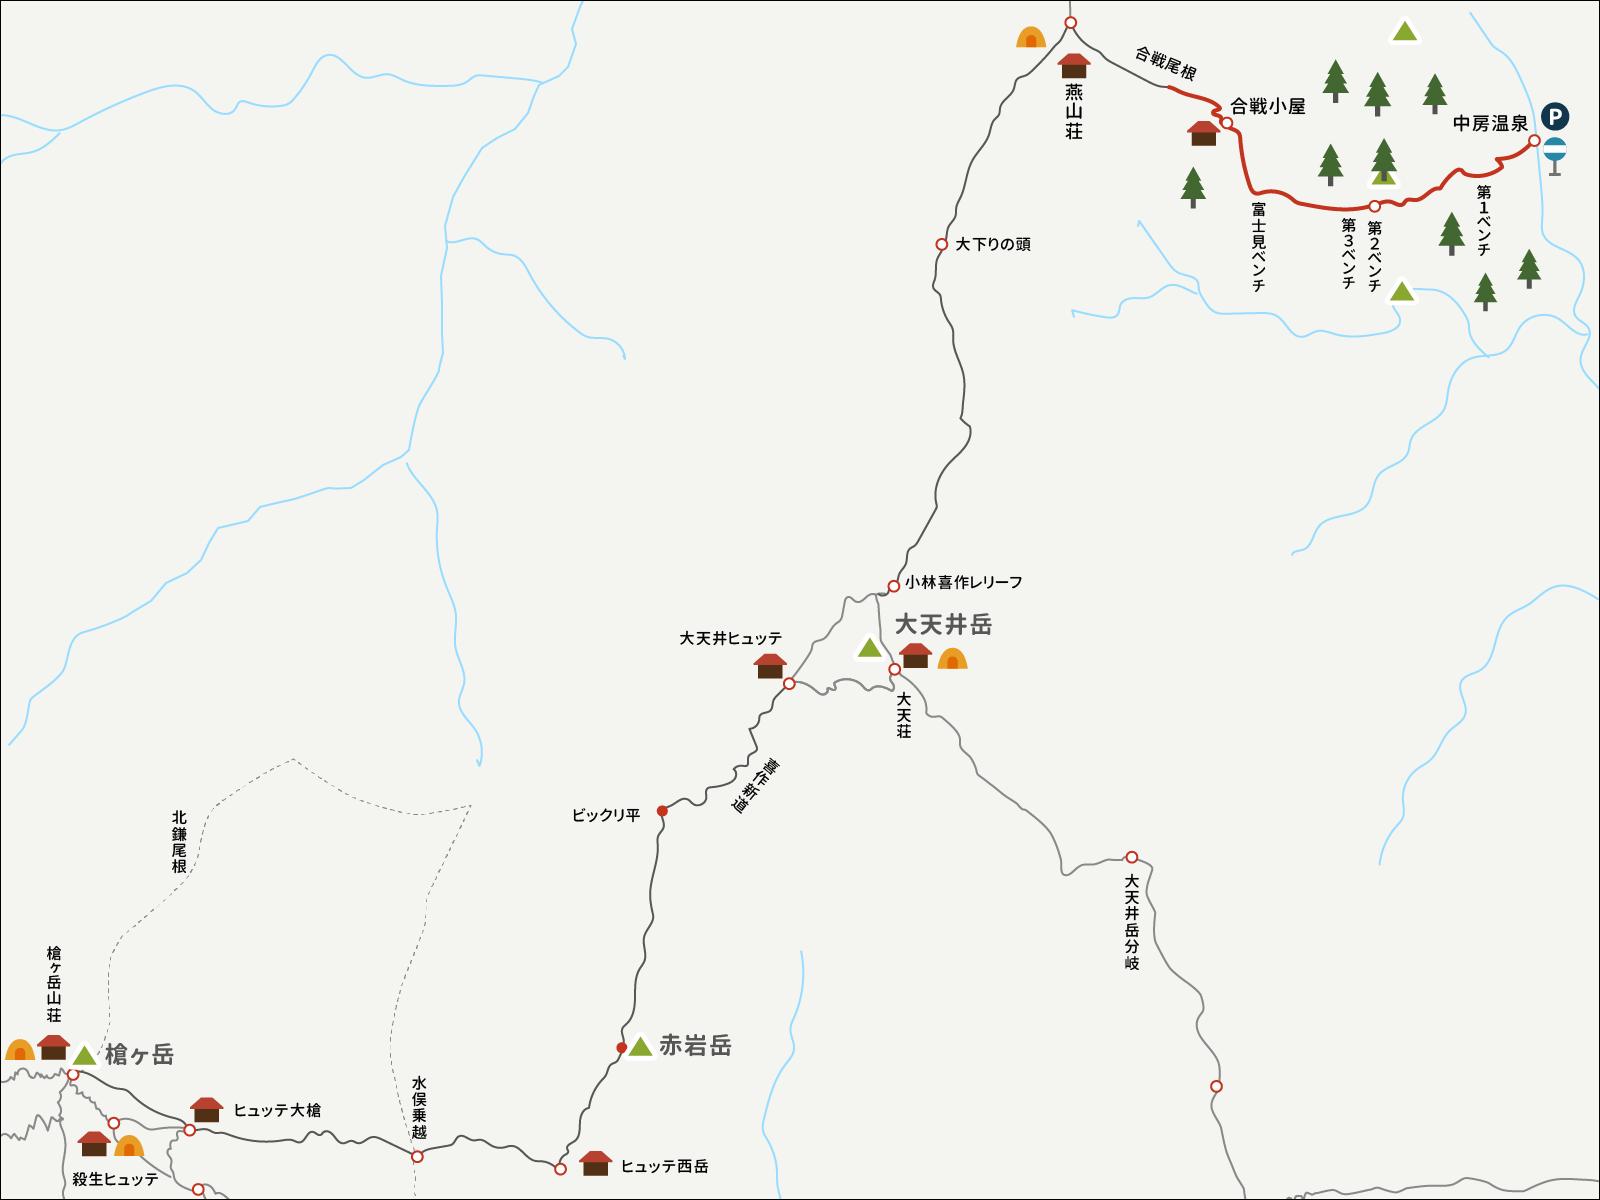 燕山荘から中房温泉までのイラストマップ2